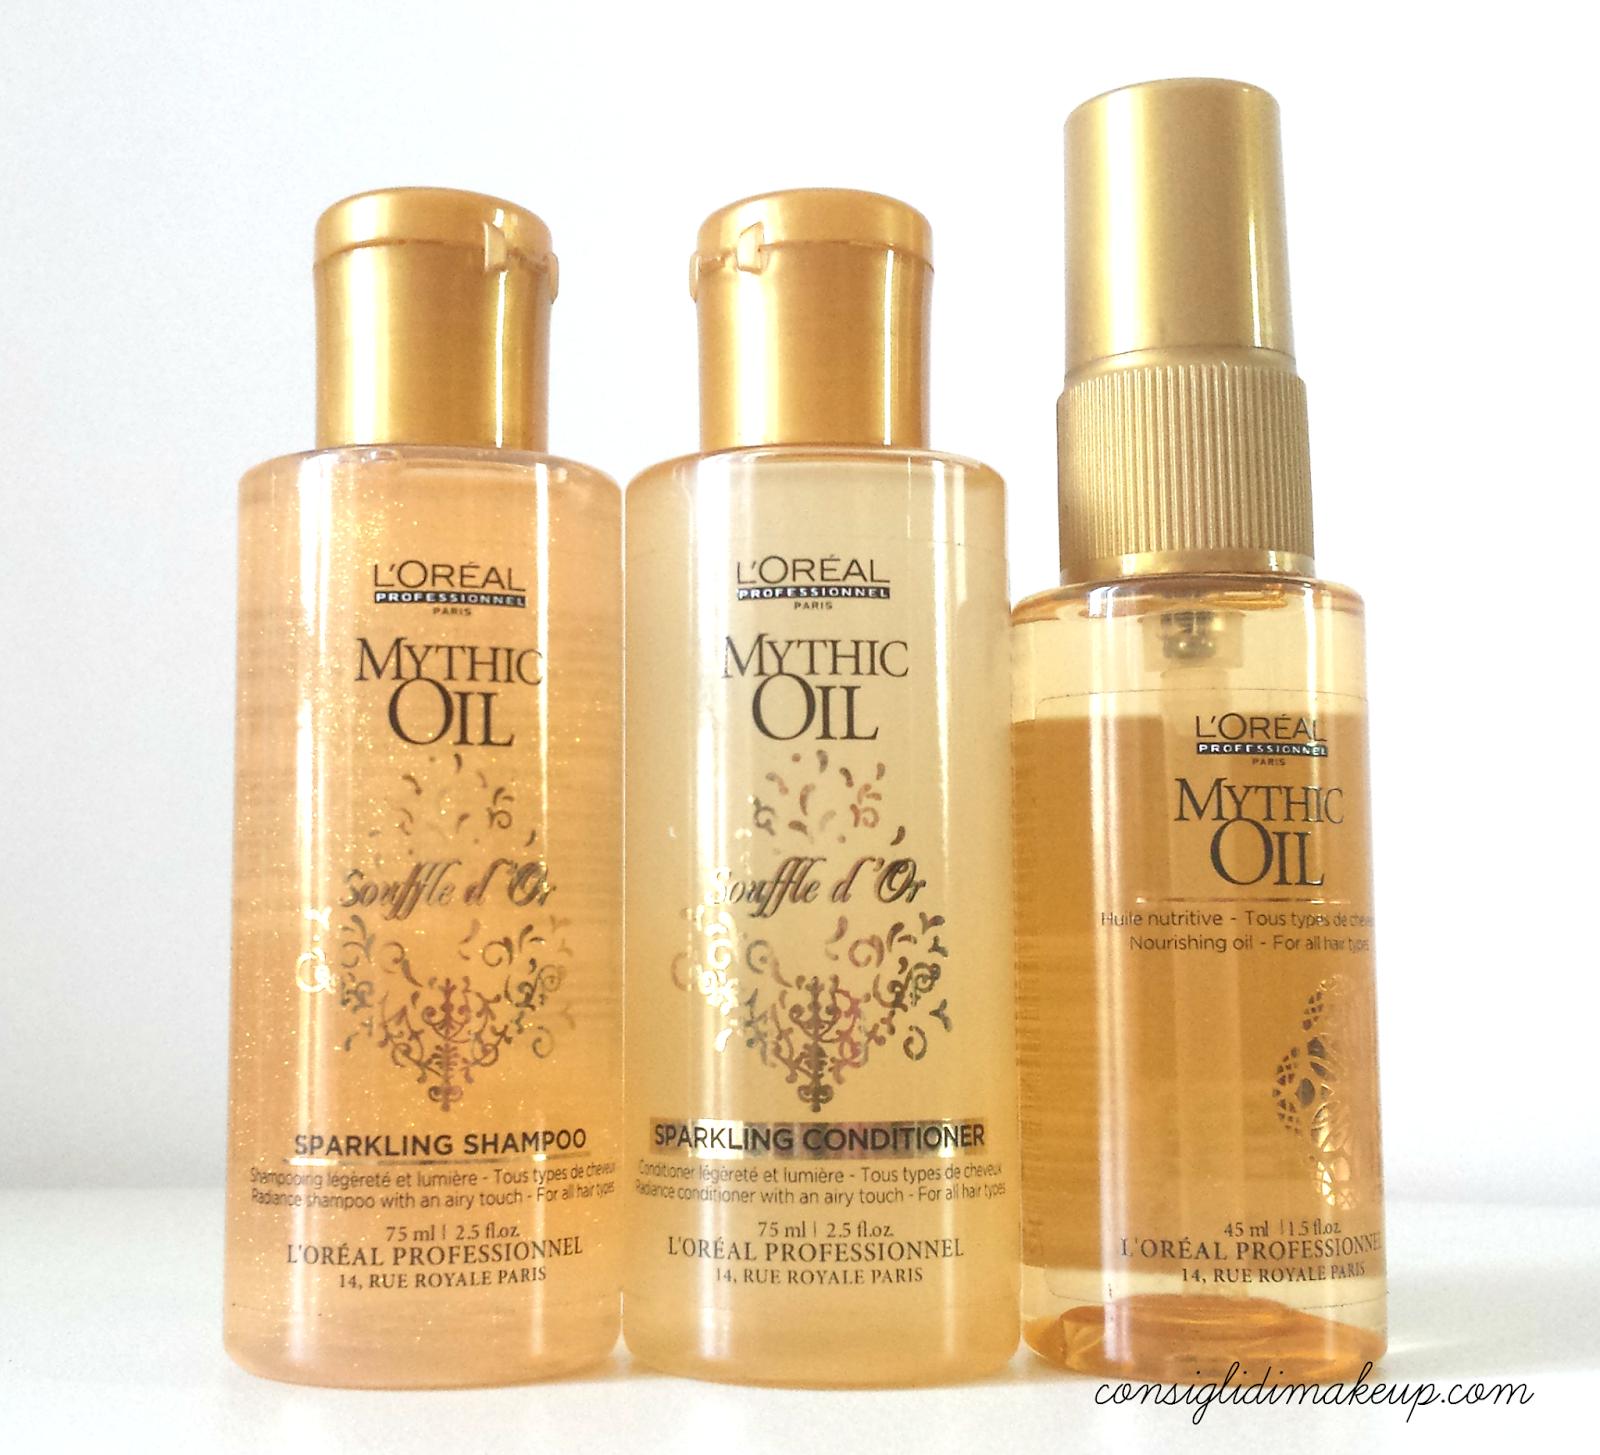 recensione mythic oil l'oreal